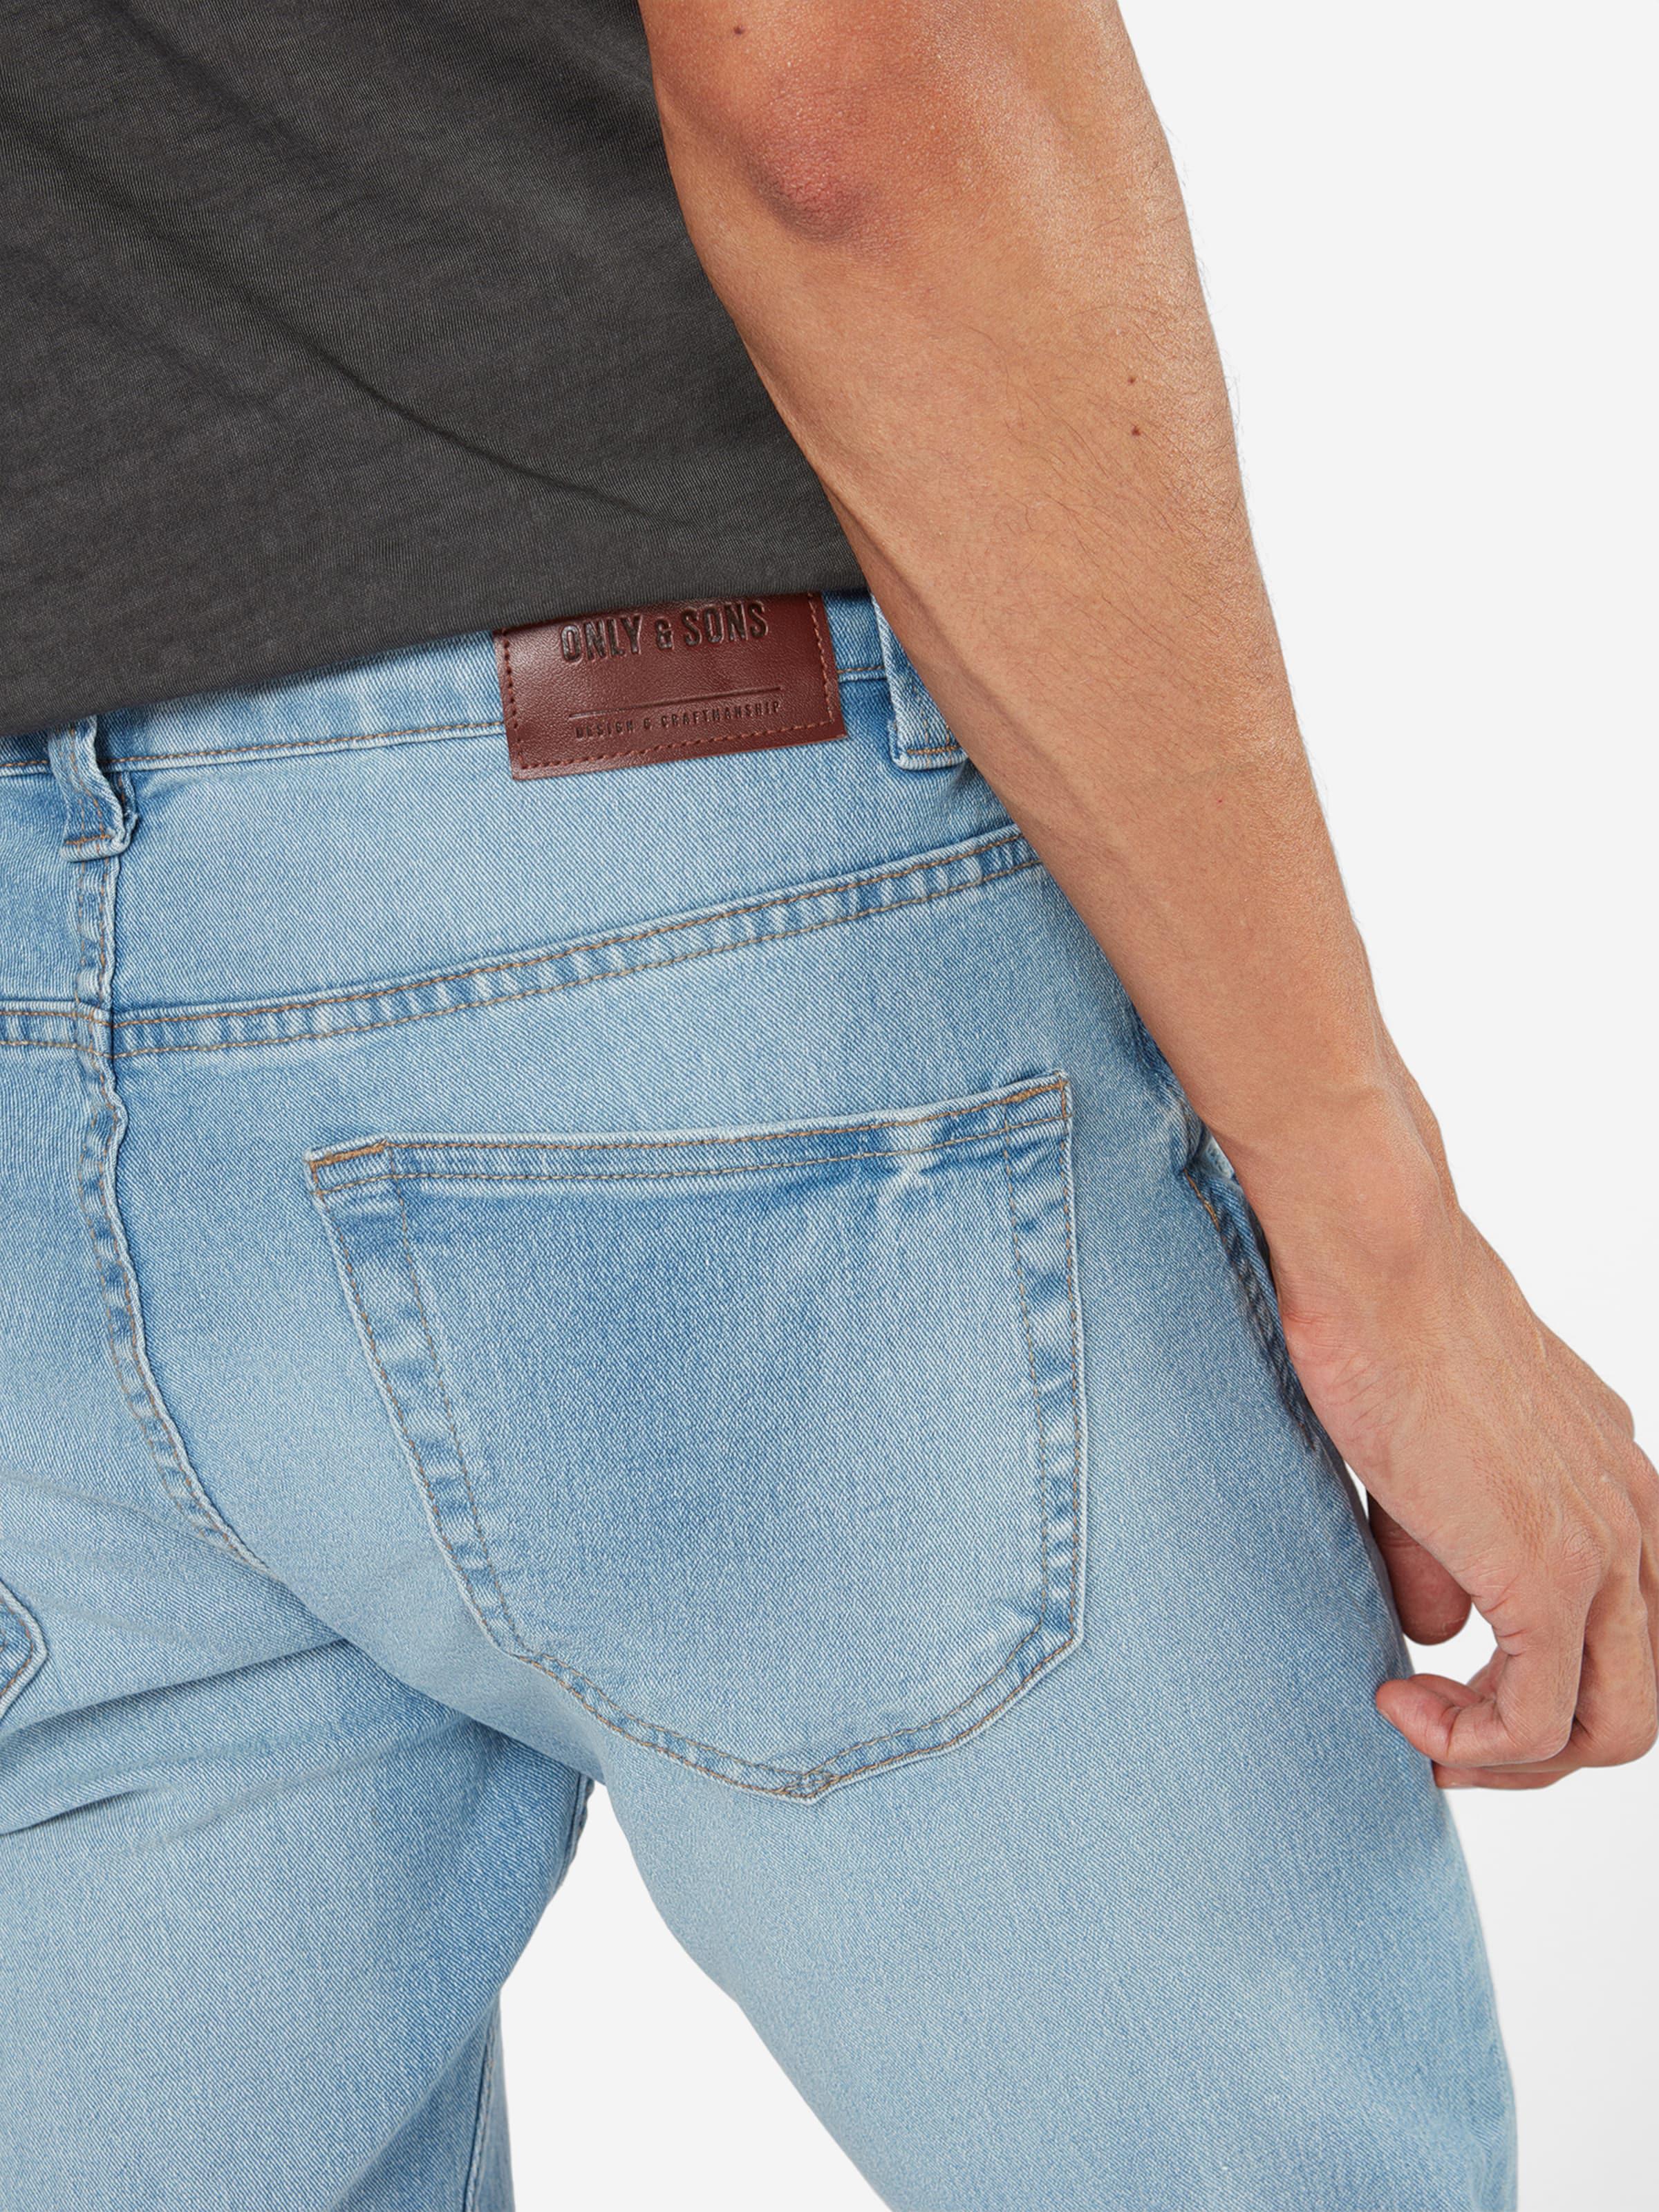 Wirklich Billig Online Aus Deutschland Günstigem Preis Only & Sons Slimfit Jeans Billig Zu Verkaufen UVd1IDj2T6